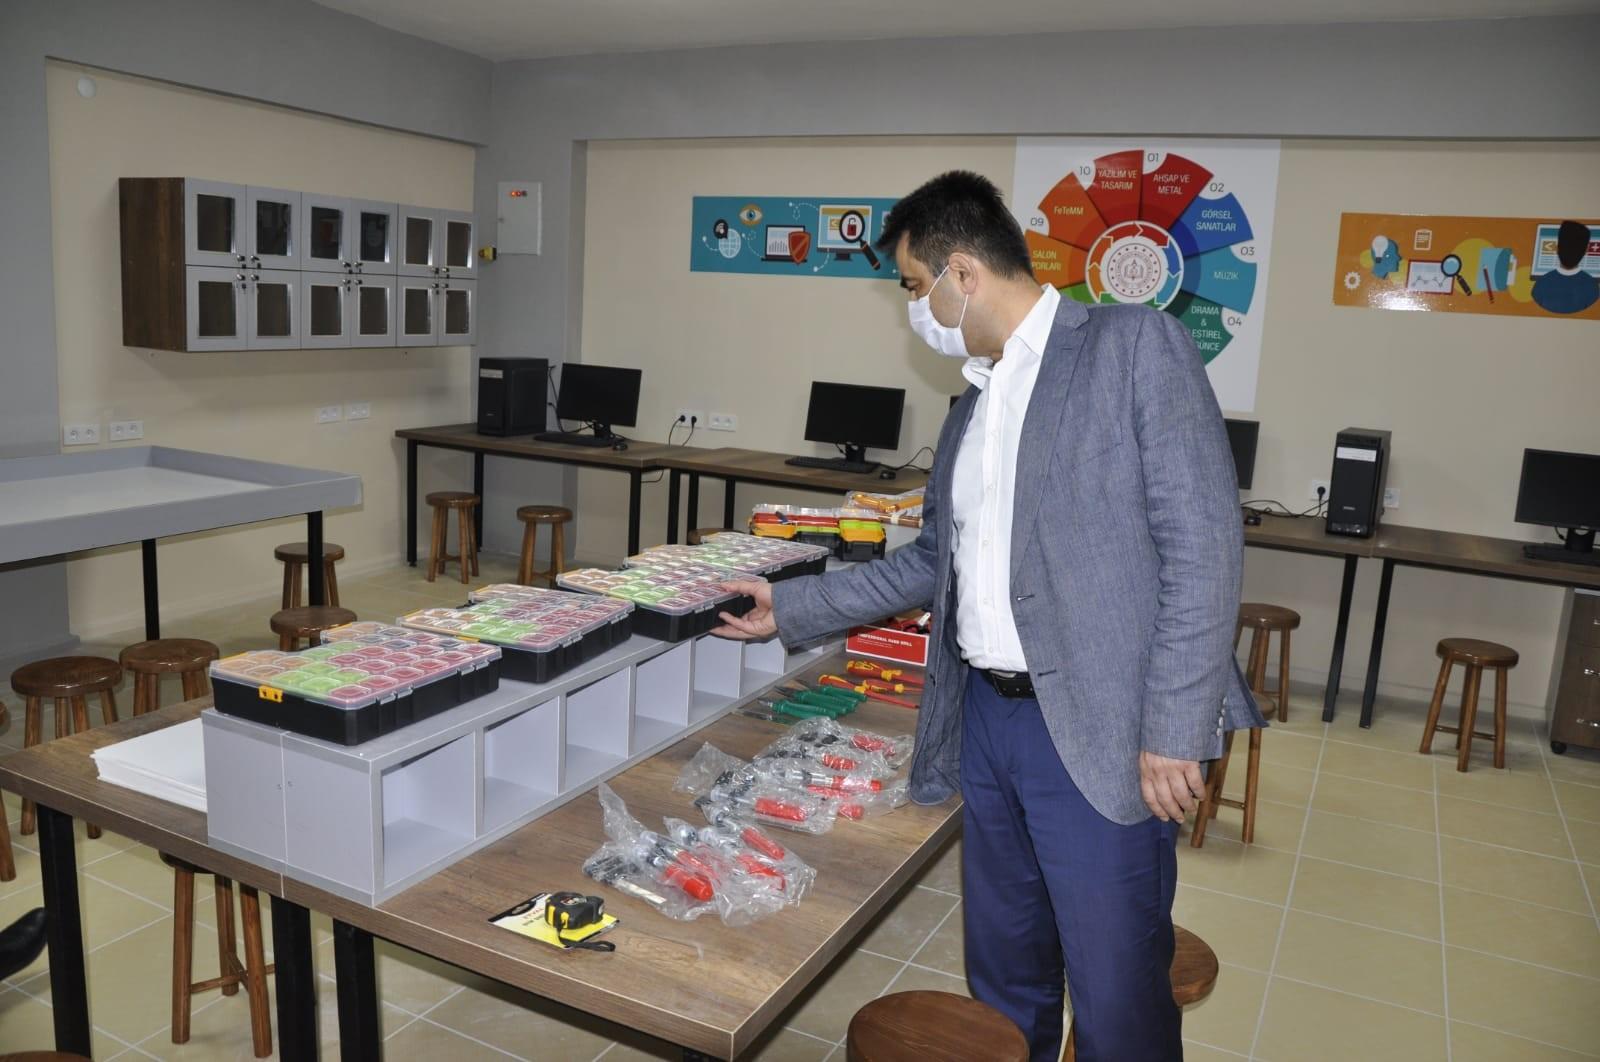 """Safranbolu'da okullar """"Tasarım Beceri Atölyeleri"""" ile zenginleşecek"""